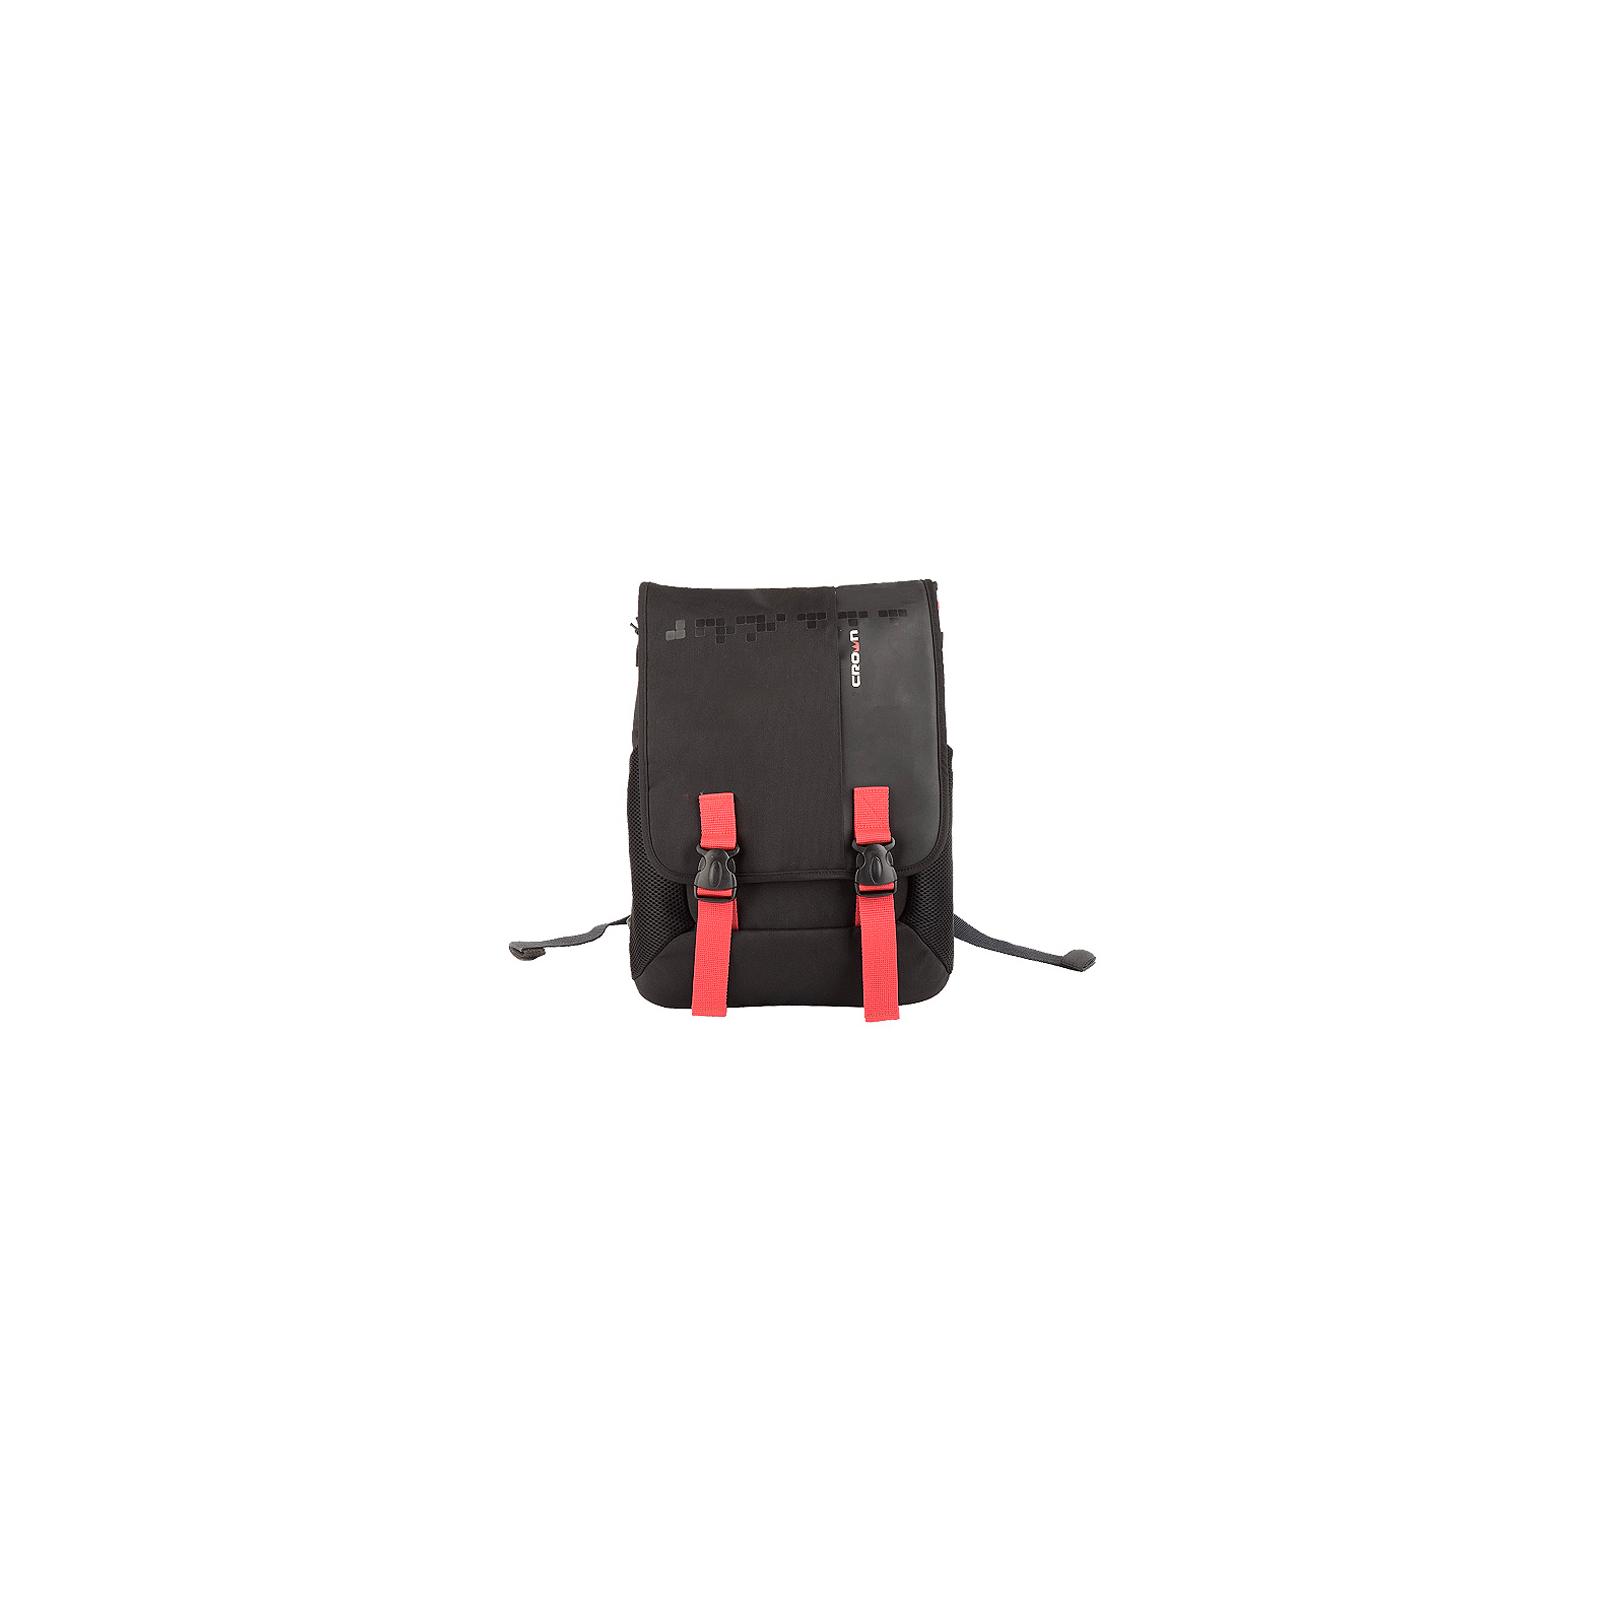 Рюкзак для ноутбука Crown 15.6 Harmony black and red (BPH3315BR)